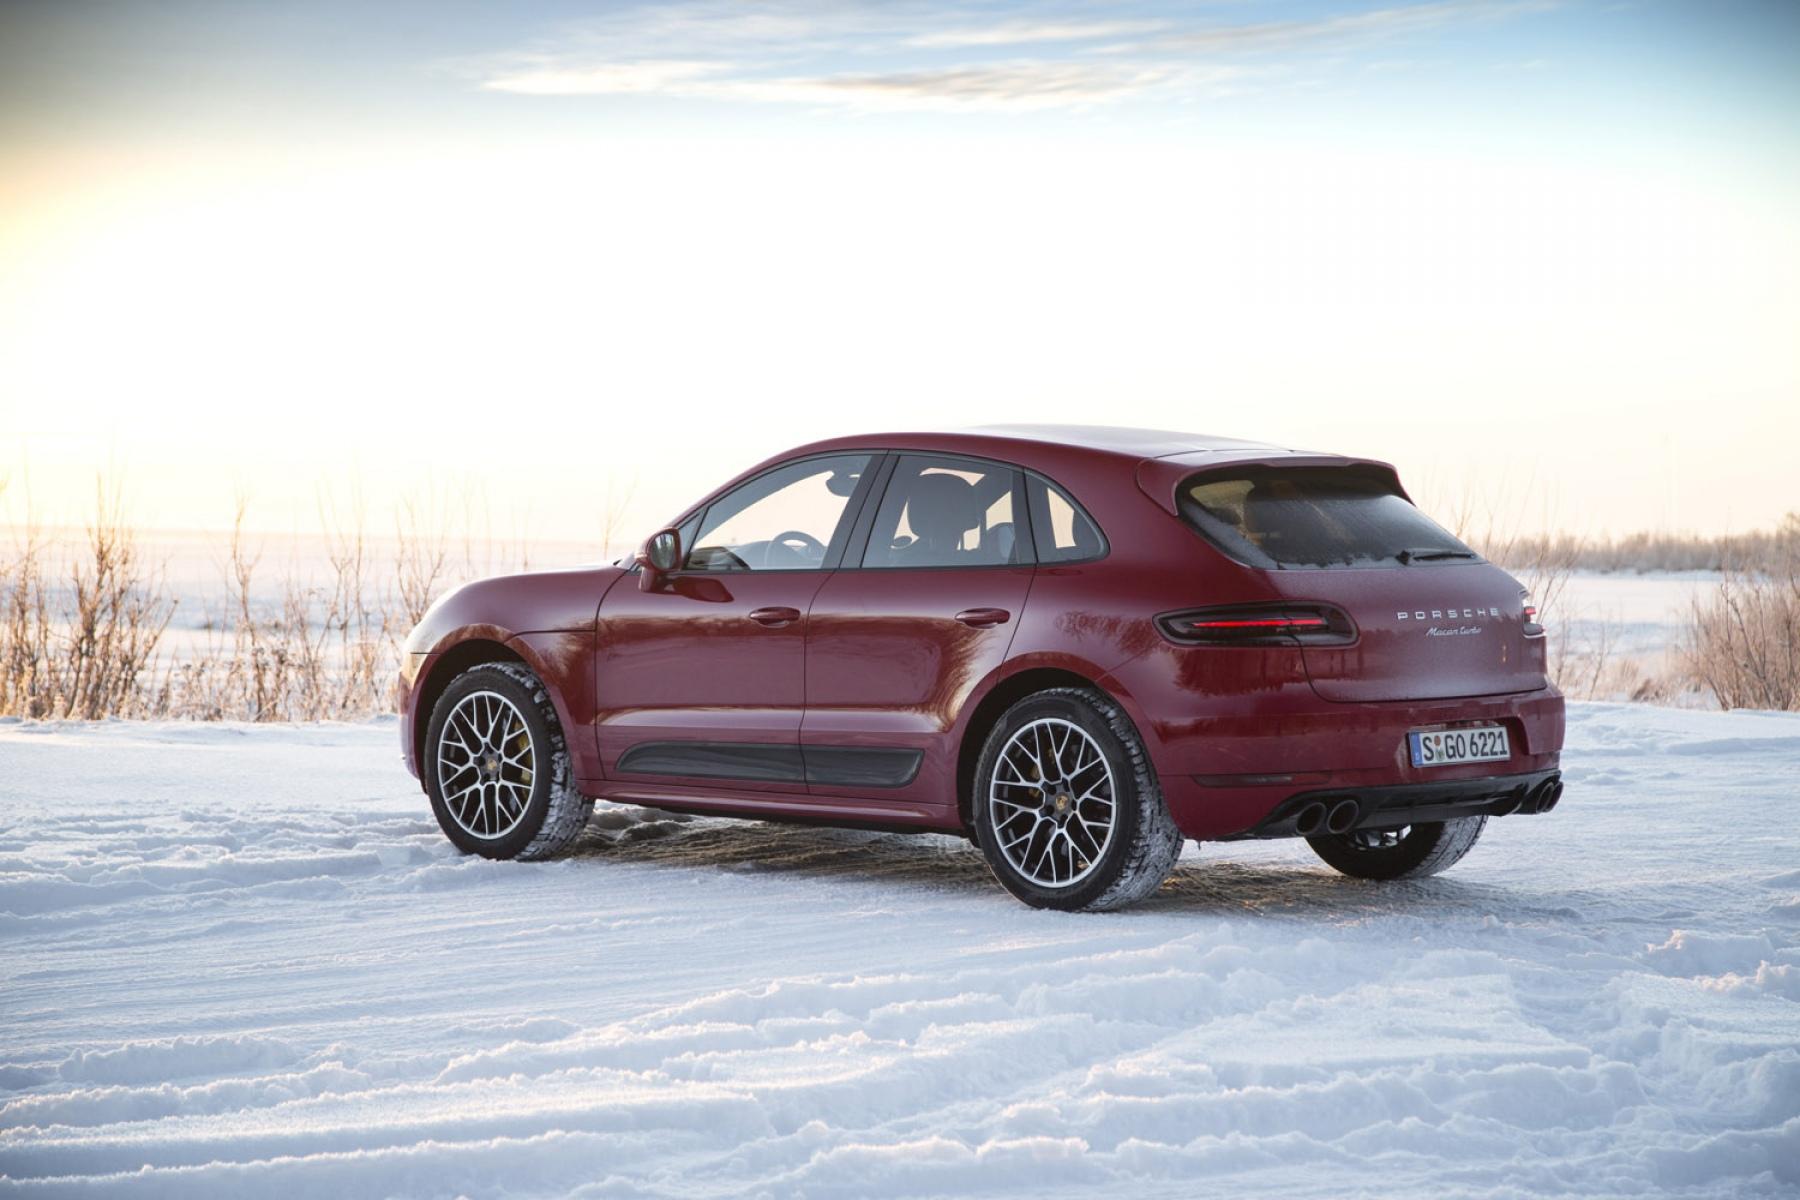 Porsche Macan Gts >> Macan Turbo PP karminrot - Winter Performance Drive Finnland